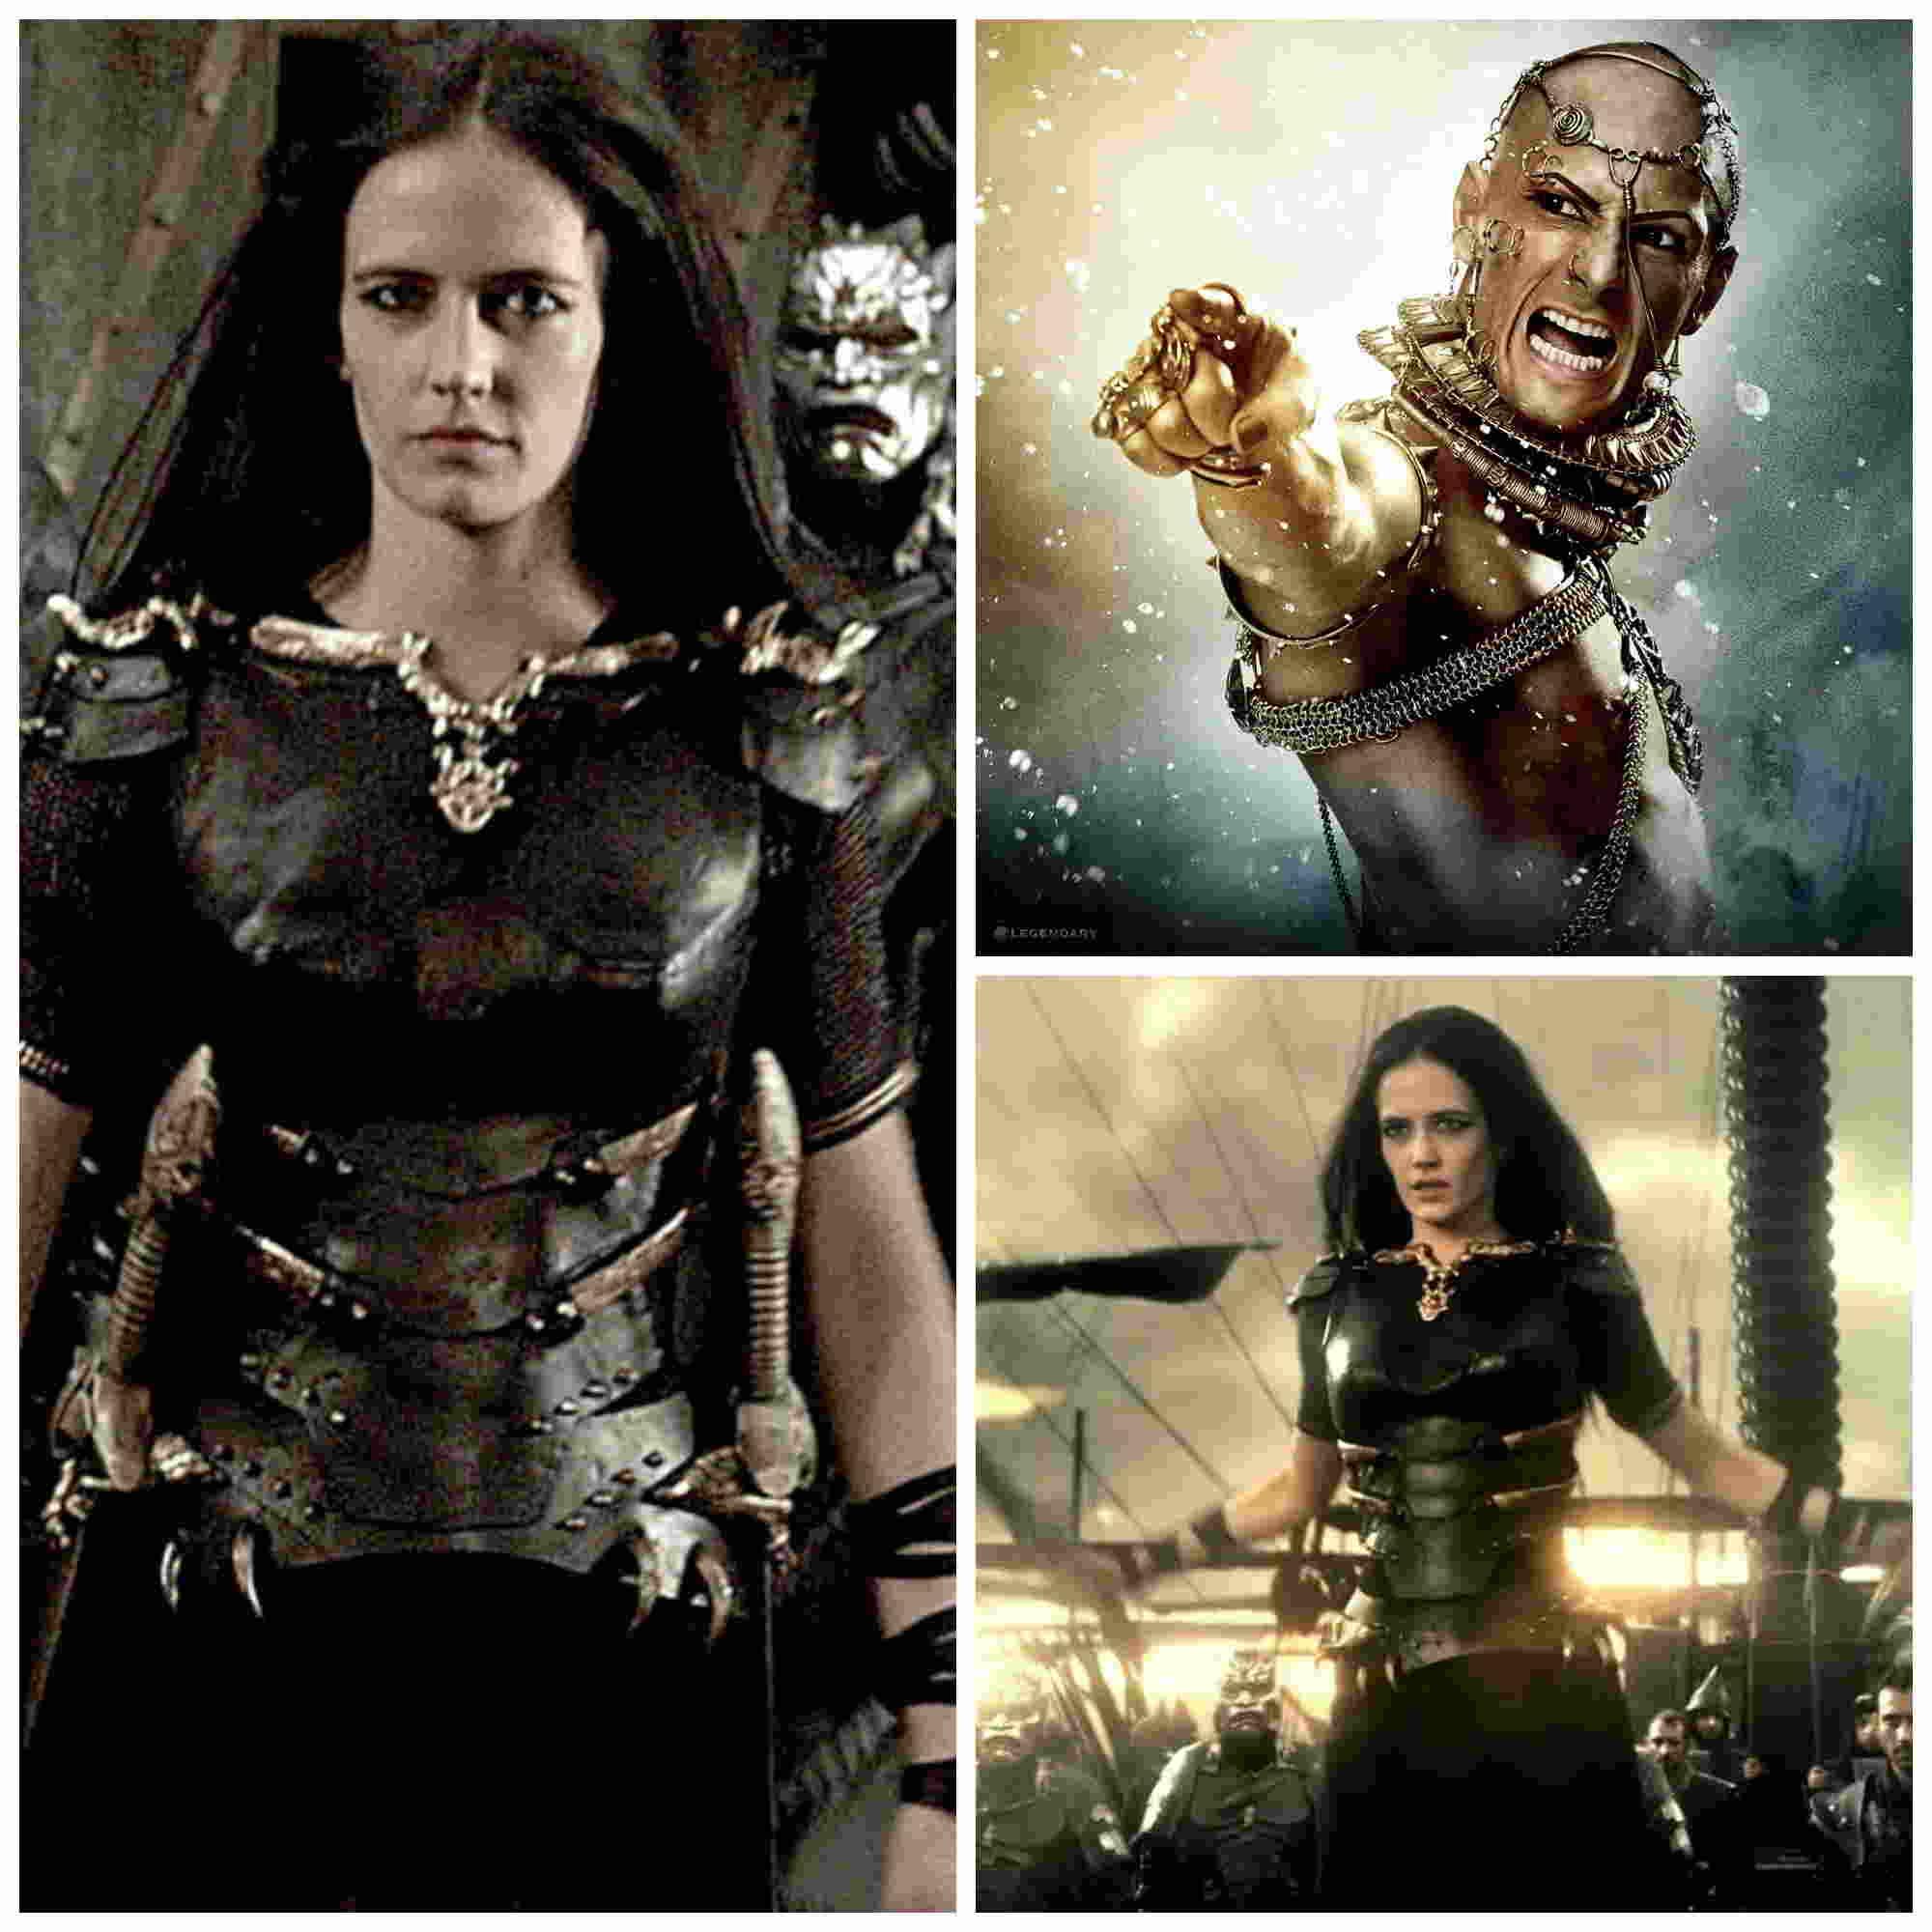 La reina Artemisia y la batalla de Salamina